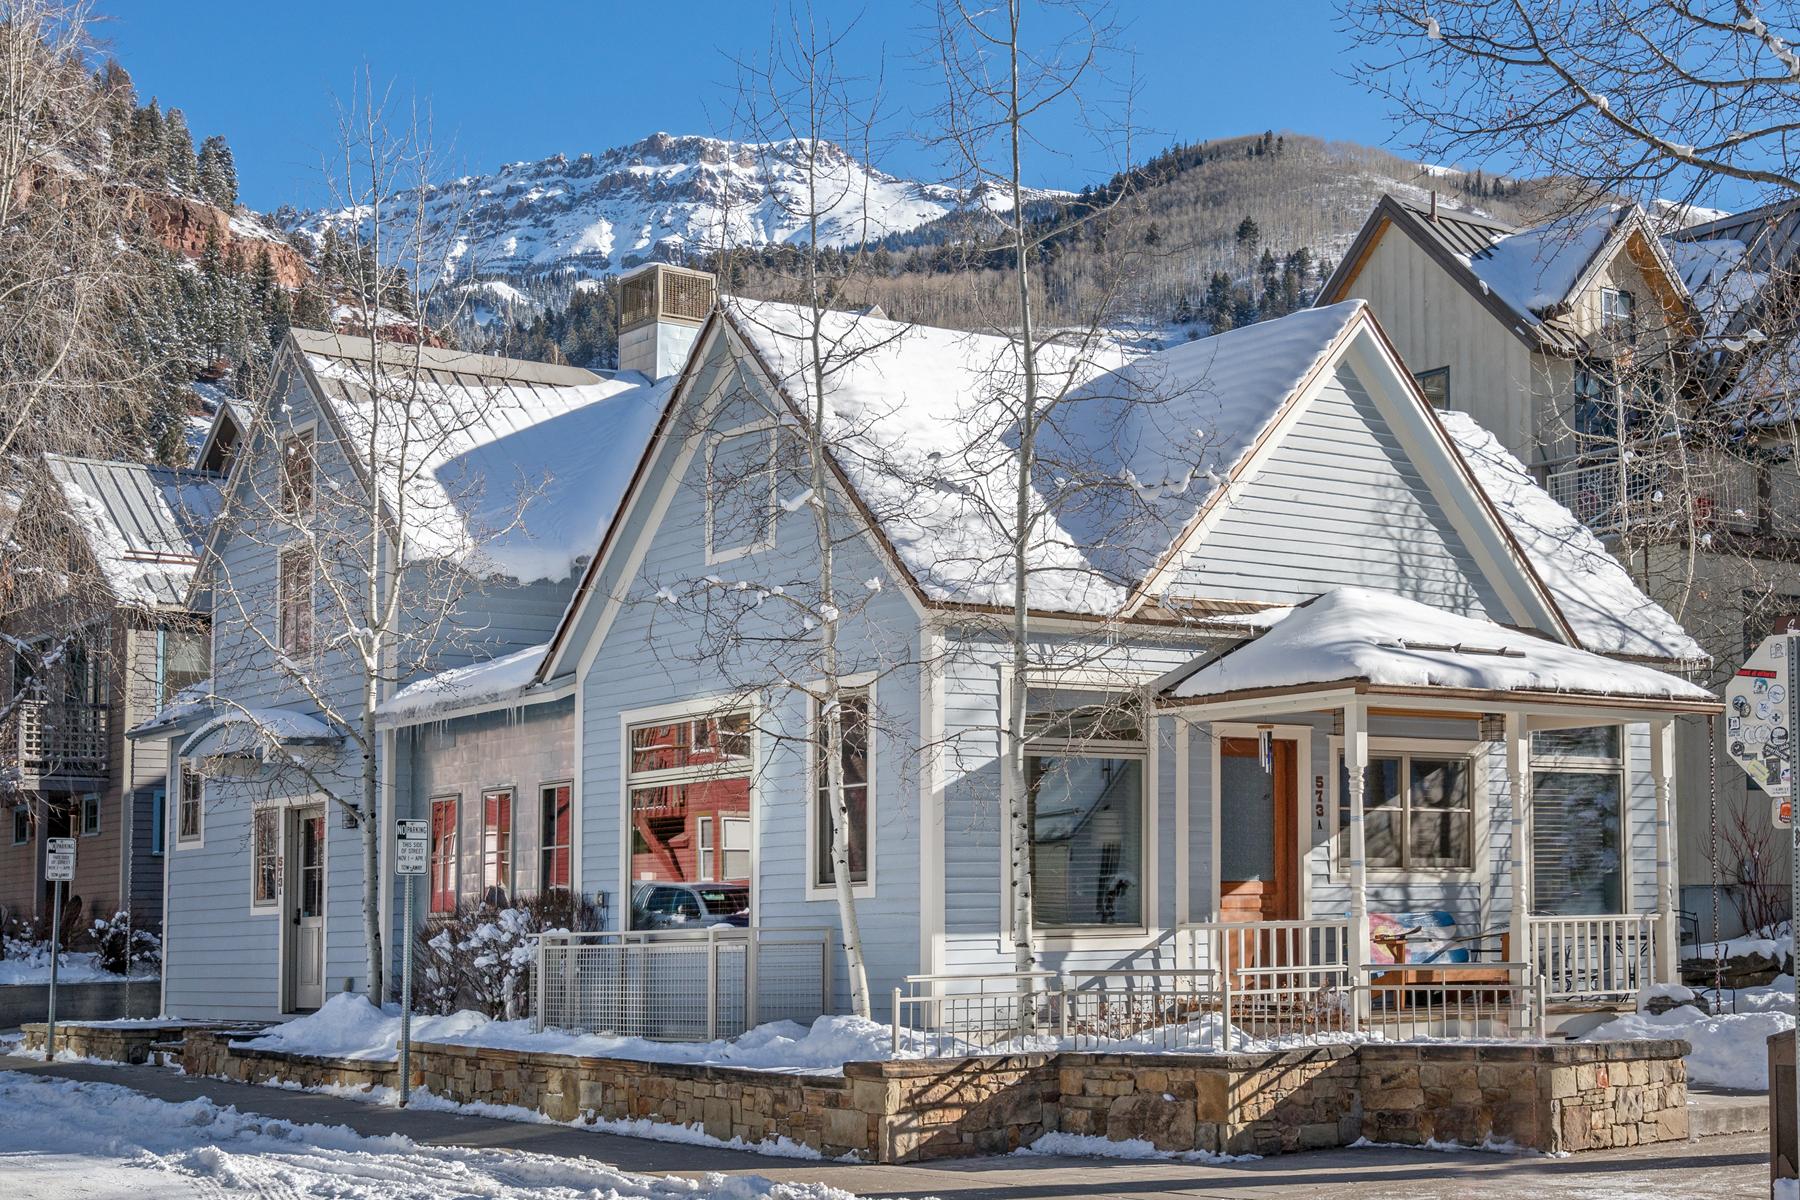 Частный односемейный дом для того Продажа на 573 W. Pacific Avenue Telluride, Колорадо, 81435 Соединенные Штаты